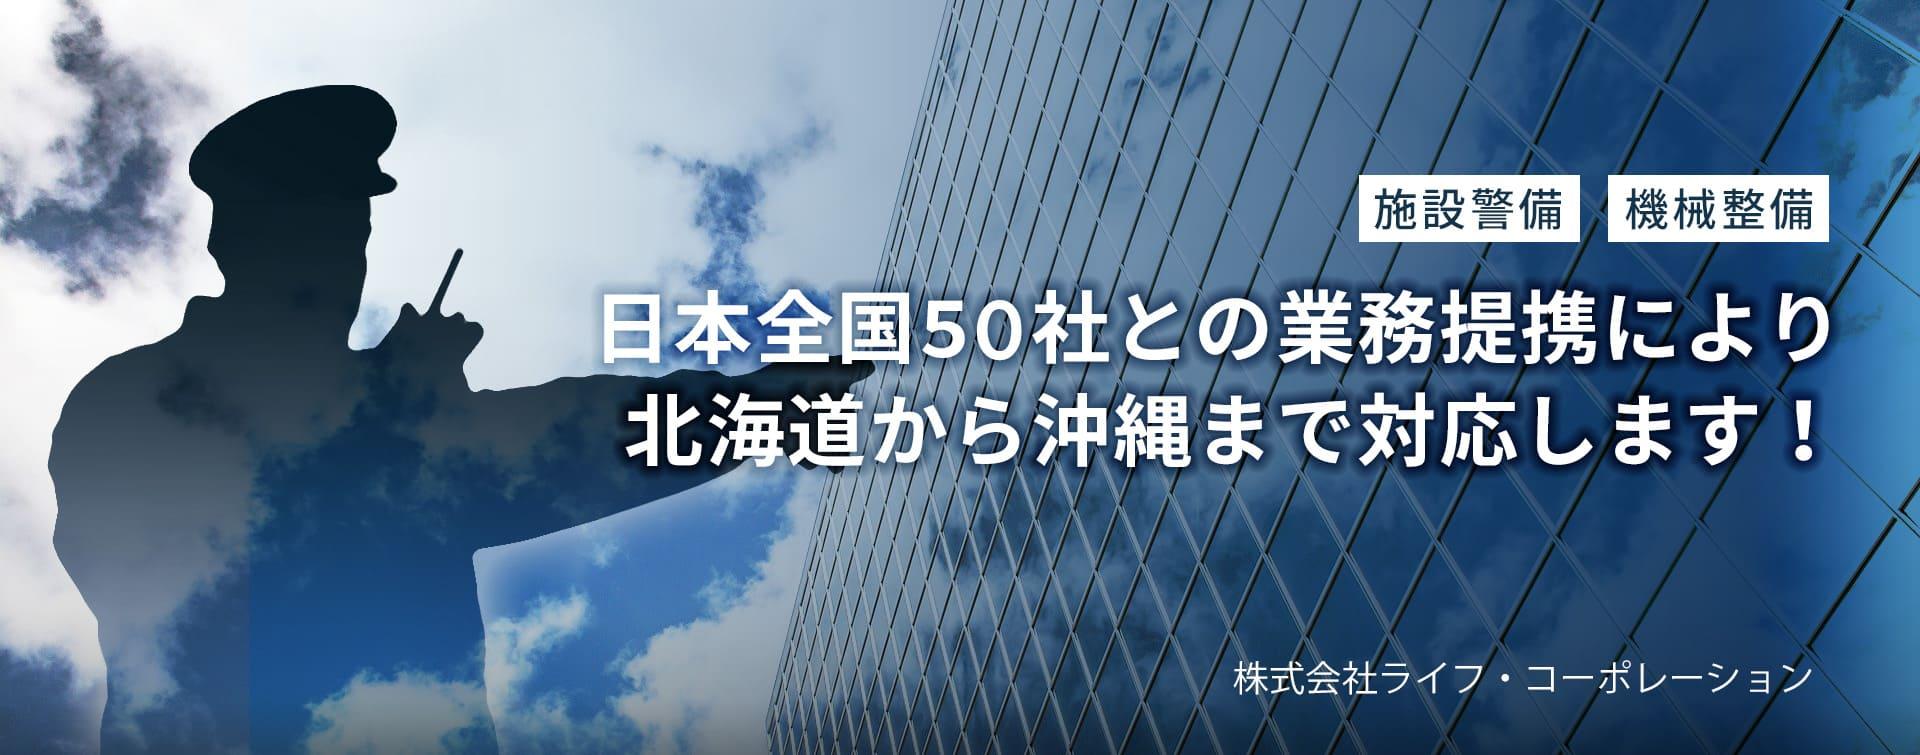 日本全国50社との業務提携により北海道から沖縄まで対応します!